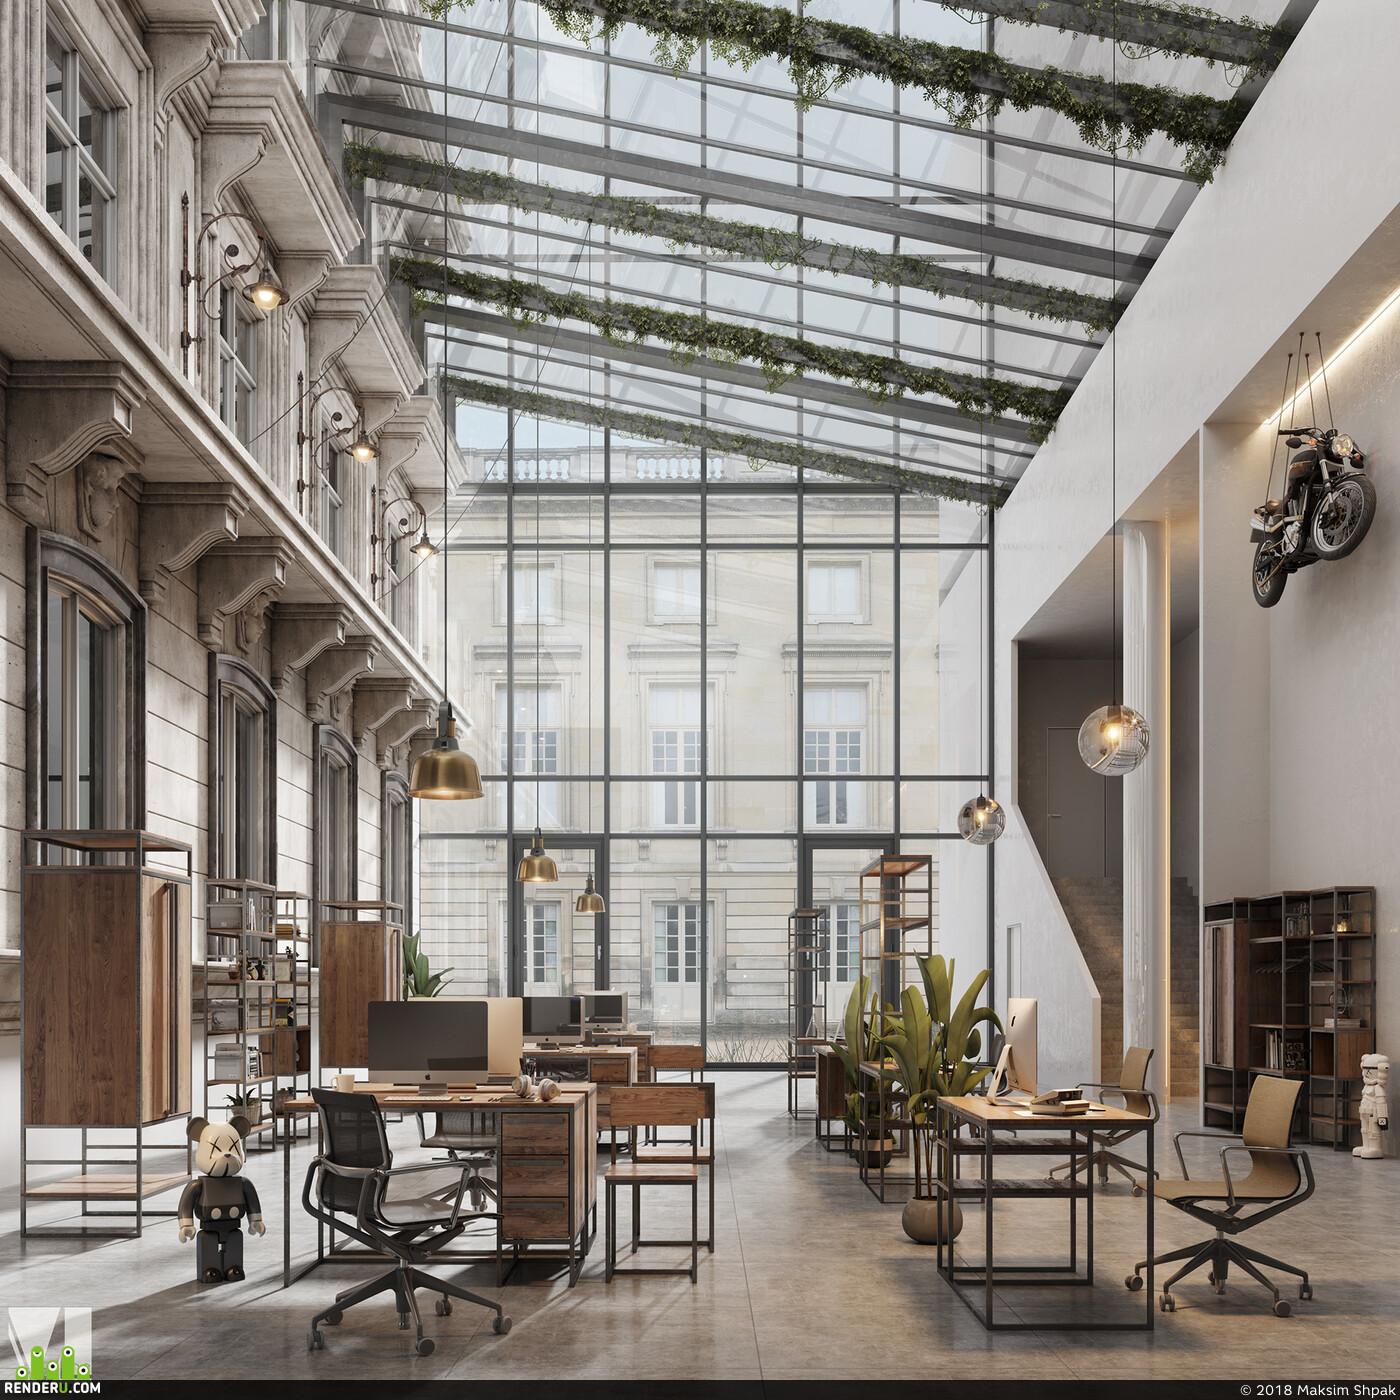 лофт, Предметная визуализация мебели, мебель, 3д визуализация, интерьер, дизайн интерьера